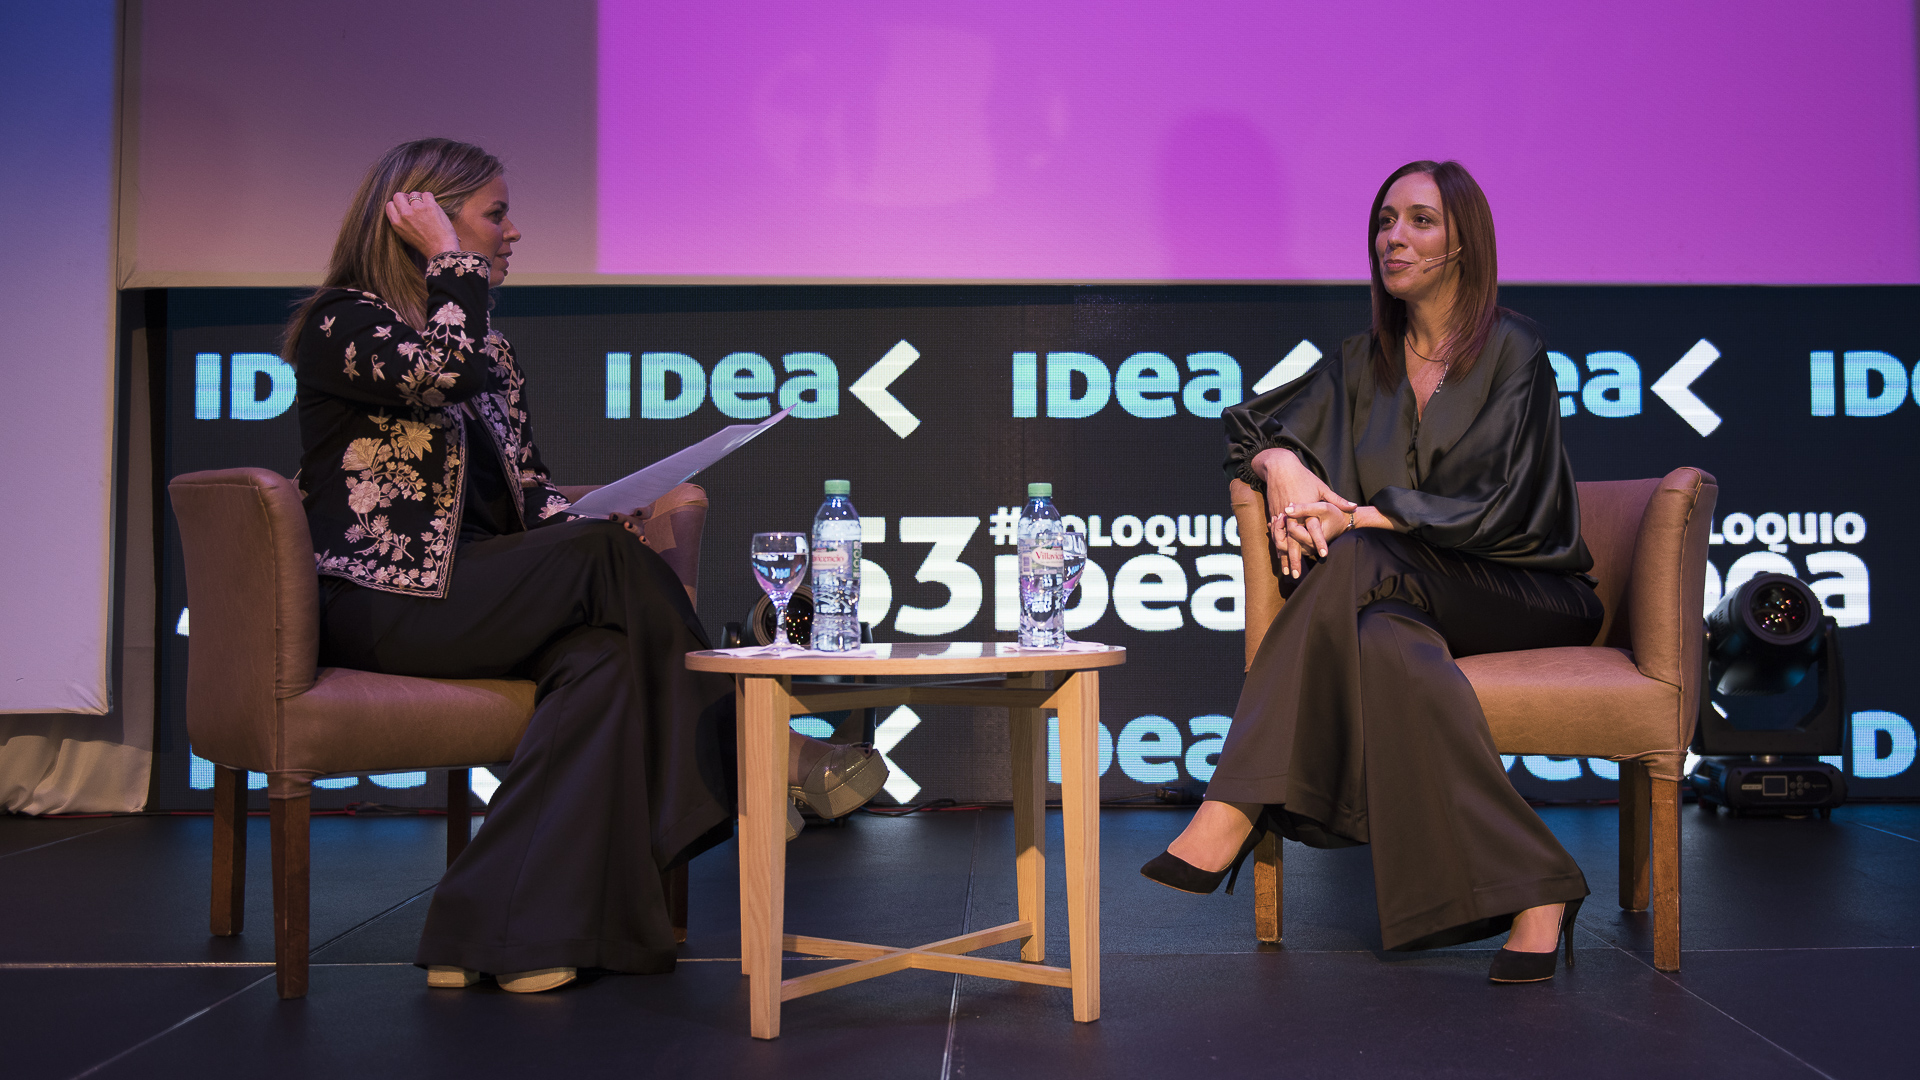 La Gobernadora María Eugenia Vidal entrevistada por Rosario Algelt la Directora de Idea y Gerente General de LATAM